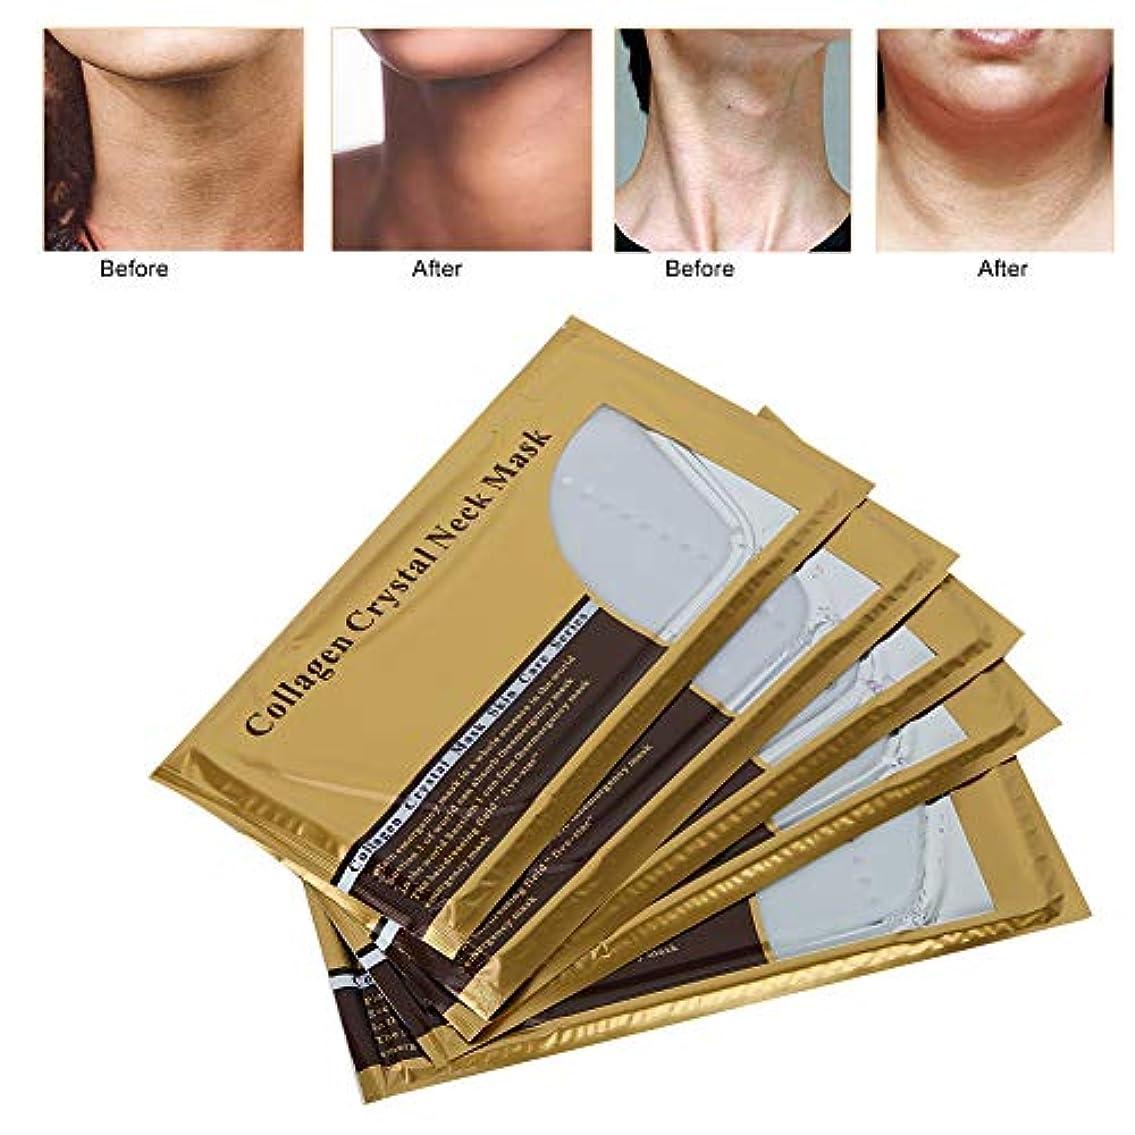 クルーズ若いビタミンネックスキンリニューアルマスク、5ピースコラーゲン肌のリラクゼーションスキンケアマスク用あごリフティング剥離ホワイトニング引き締め若返り保湿水分補給